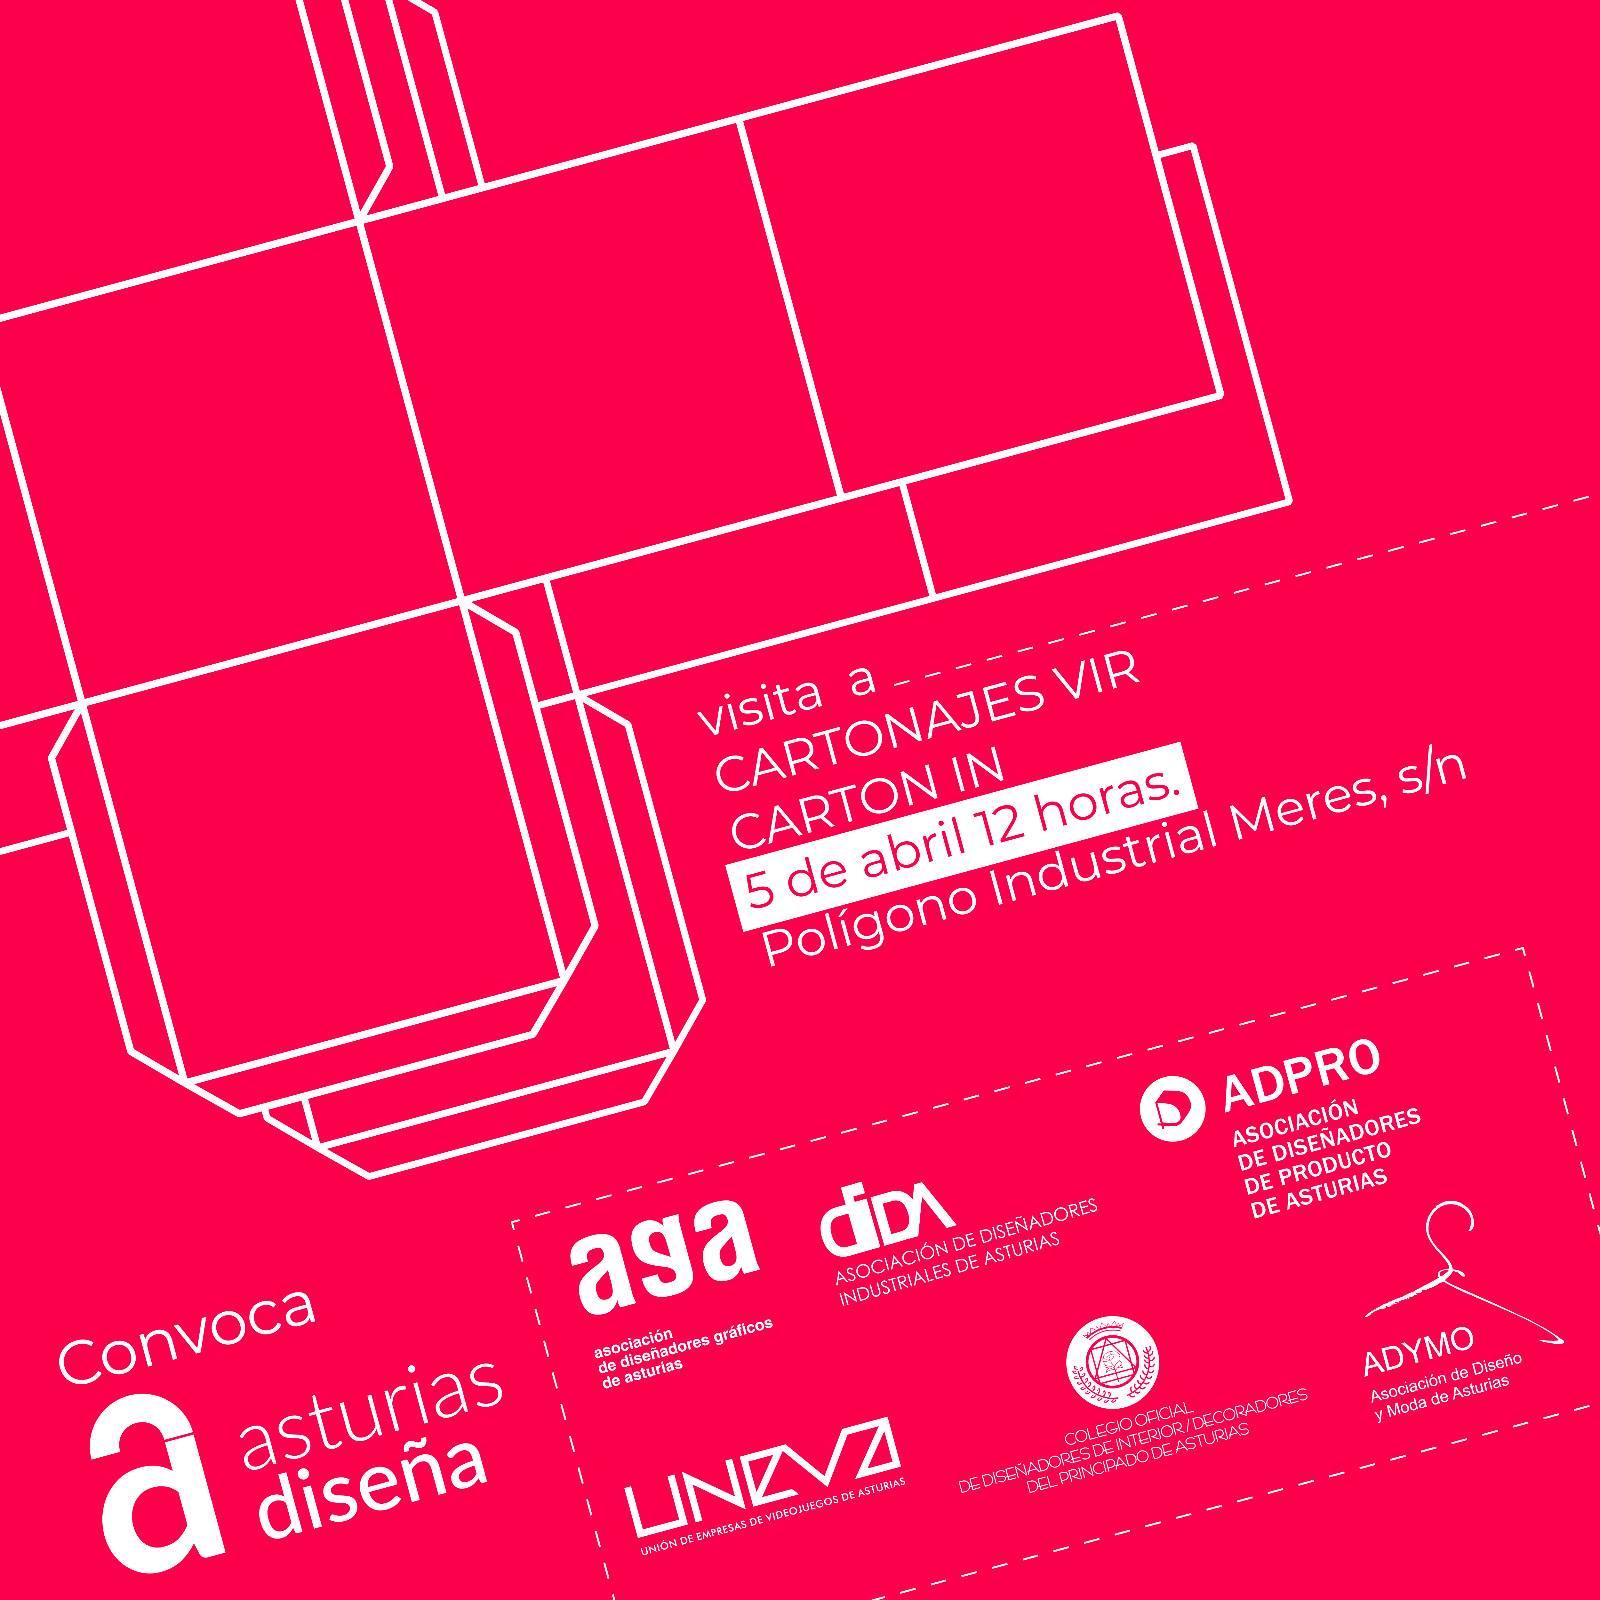 Visita de Asturias Diseña a Cartonajes Vir y Cartón IN